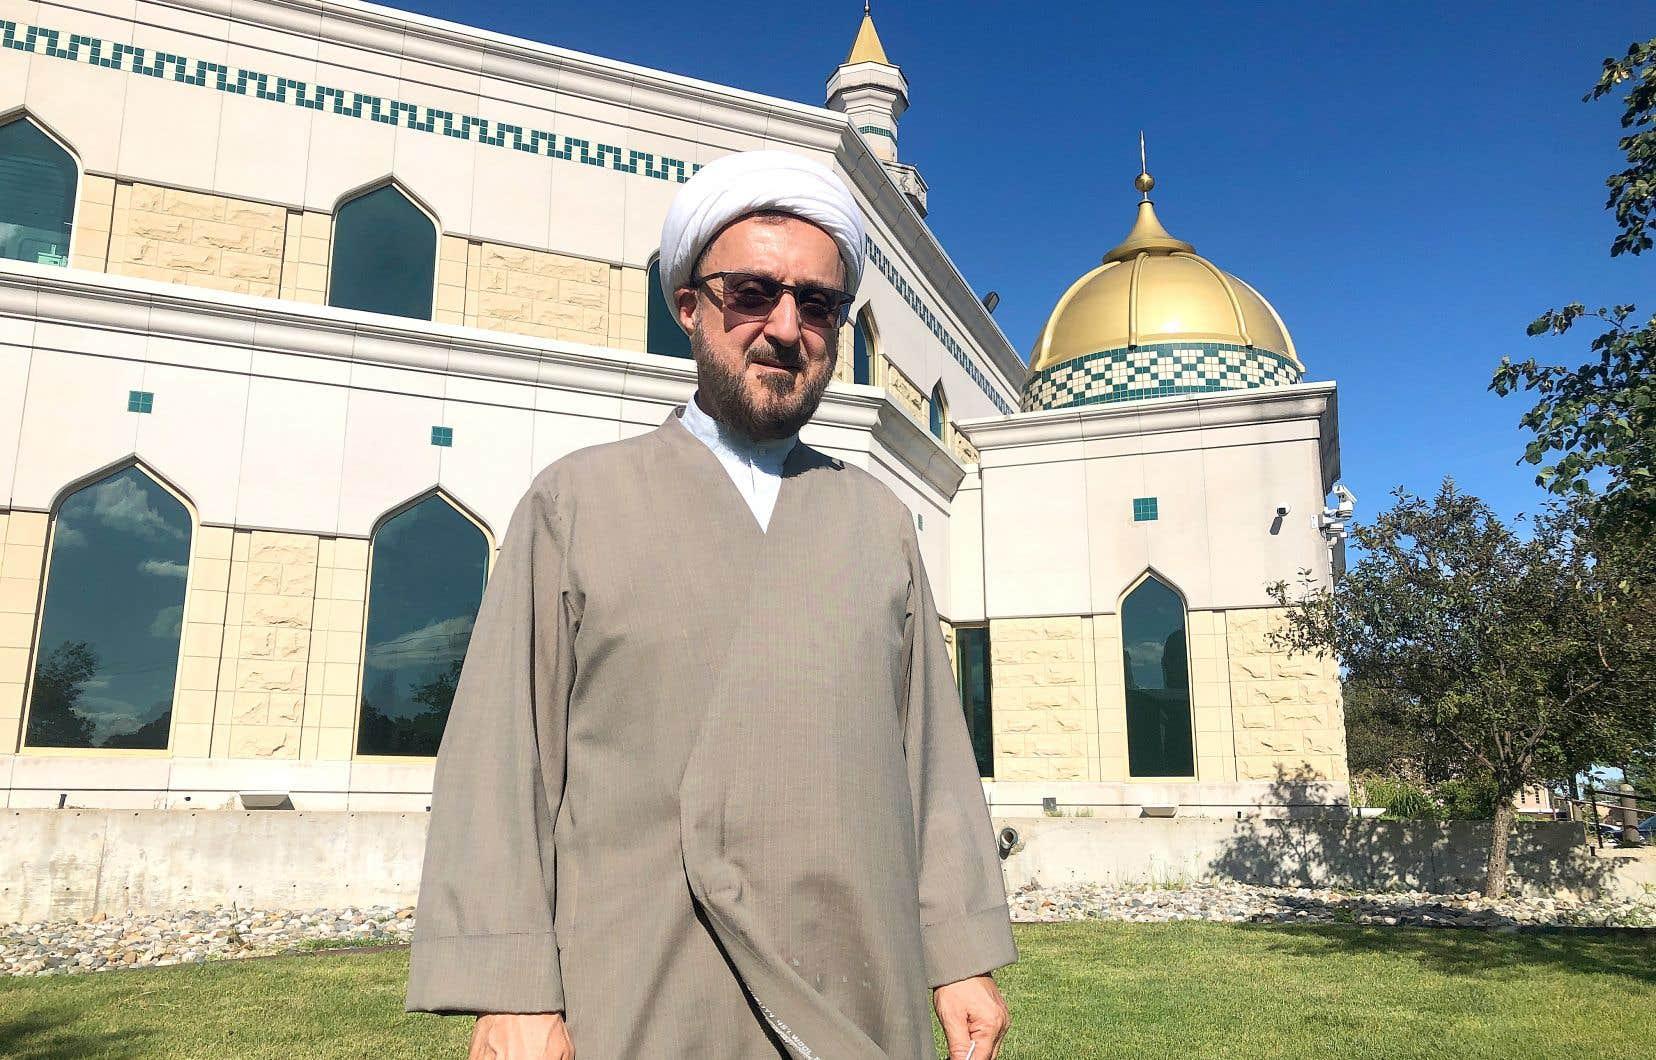 Pour l'imam Ibrahim Kazerooni, les commémorations du 11Septembre, qui approchent, pourraient bien raviver certains sentiments négatifs envers la communauté Arabo-Américaine. Mais pas autant qu'à chaque élection, où les Arabes, avance-t-il, qu'ils vivent ici ou viennent d'ailleurs, redeviennent des boucs émissaires.